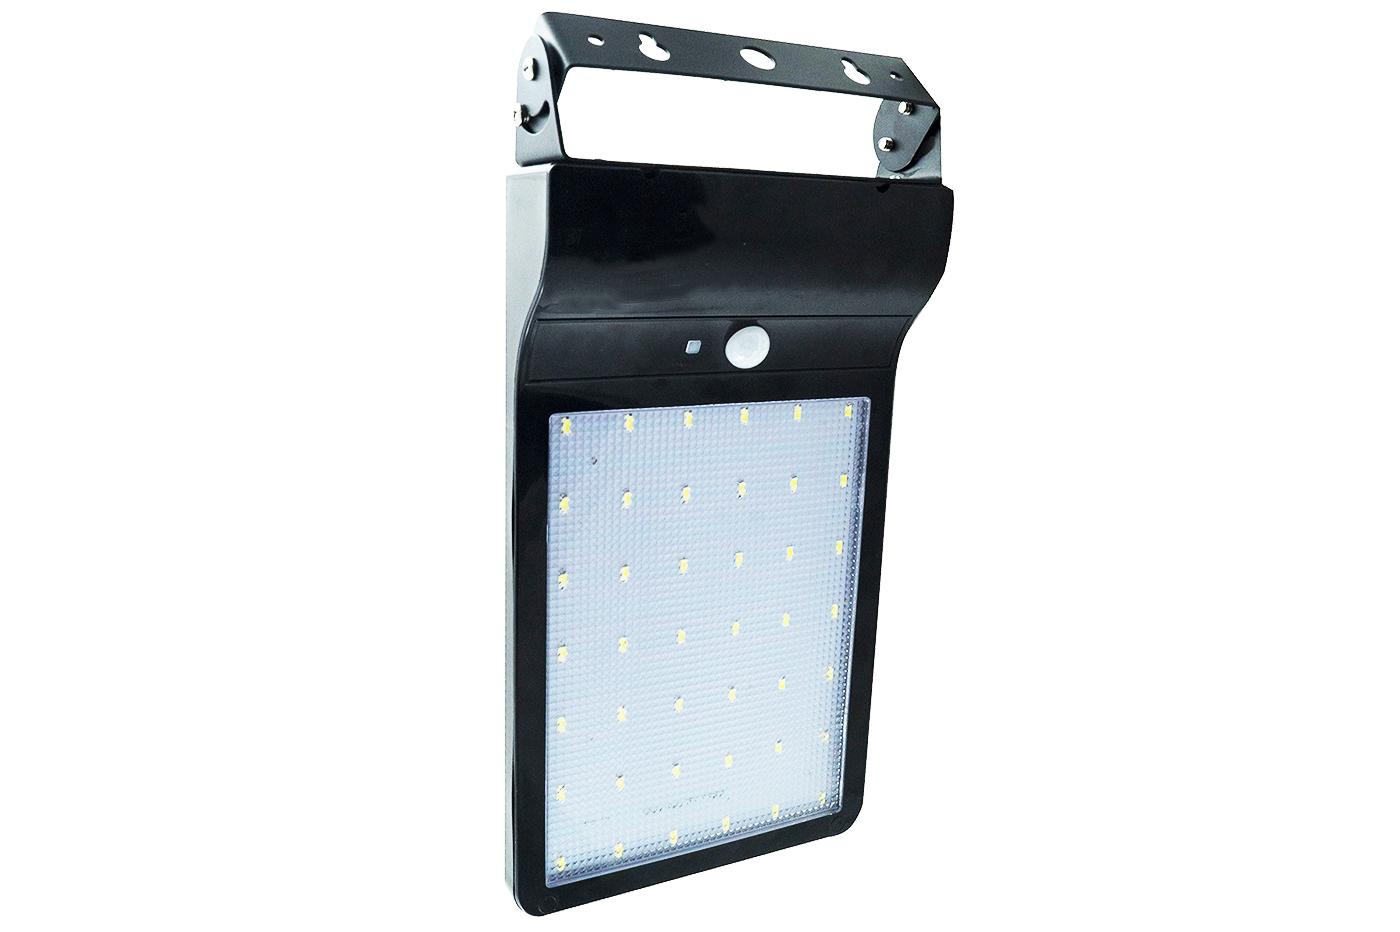 Plafoniera Sensore Di Movimento : Bes 25873 illuminazione ad energia solare beselettronica